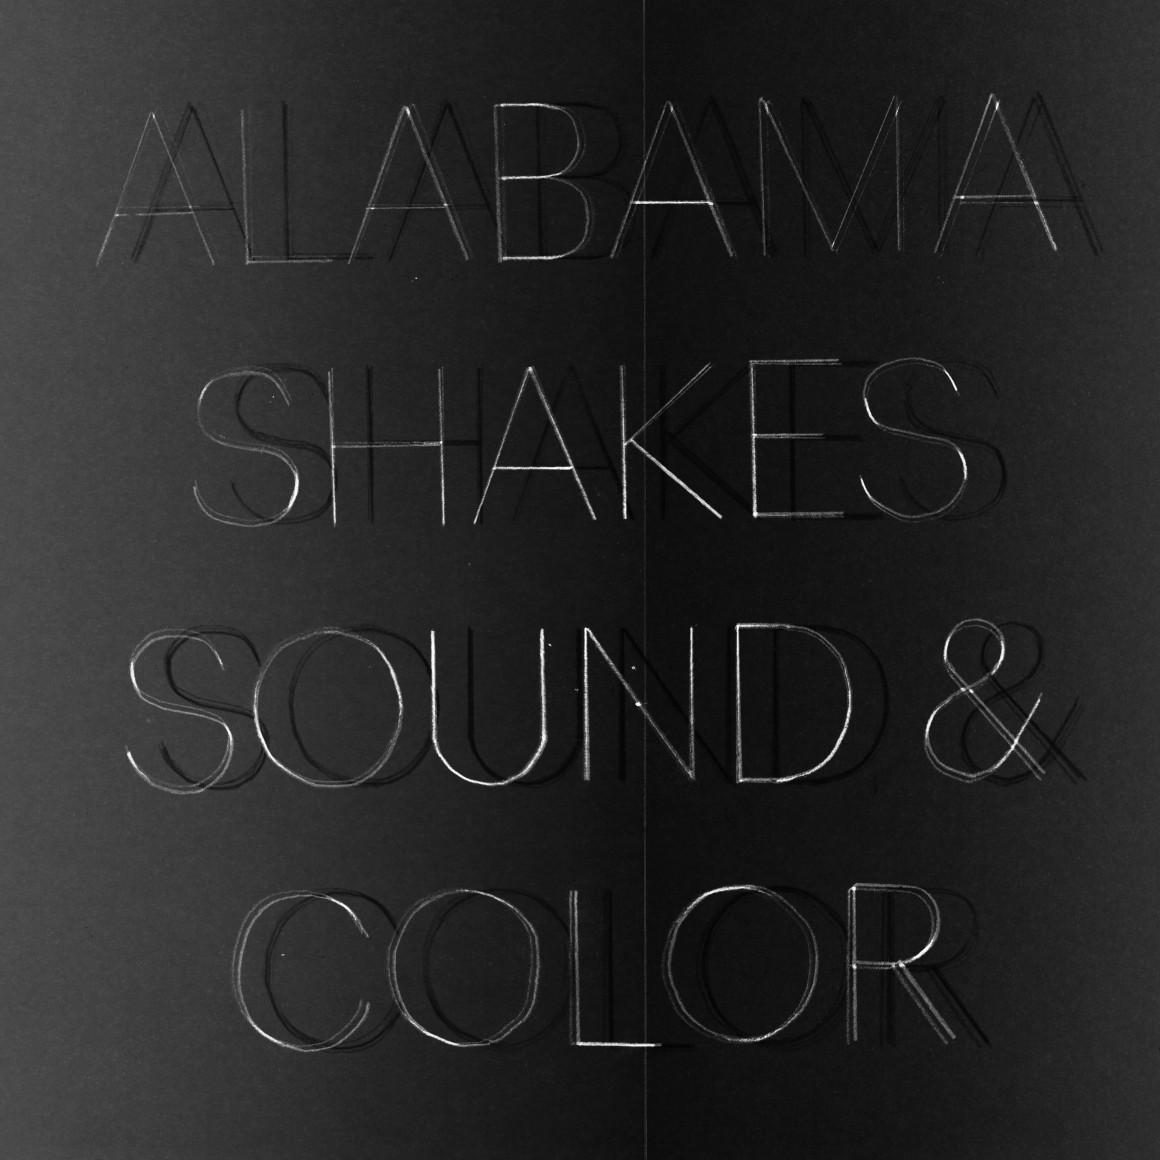 ENT_AlabamaShakes